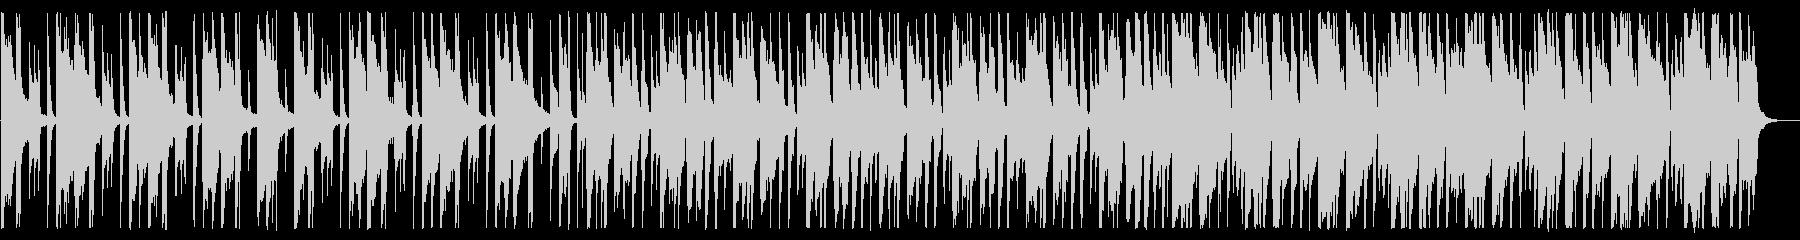 アーバン/都会/R&B_No458_2の未再生の波形